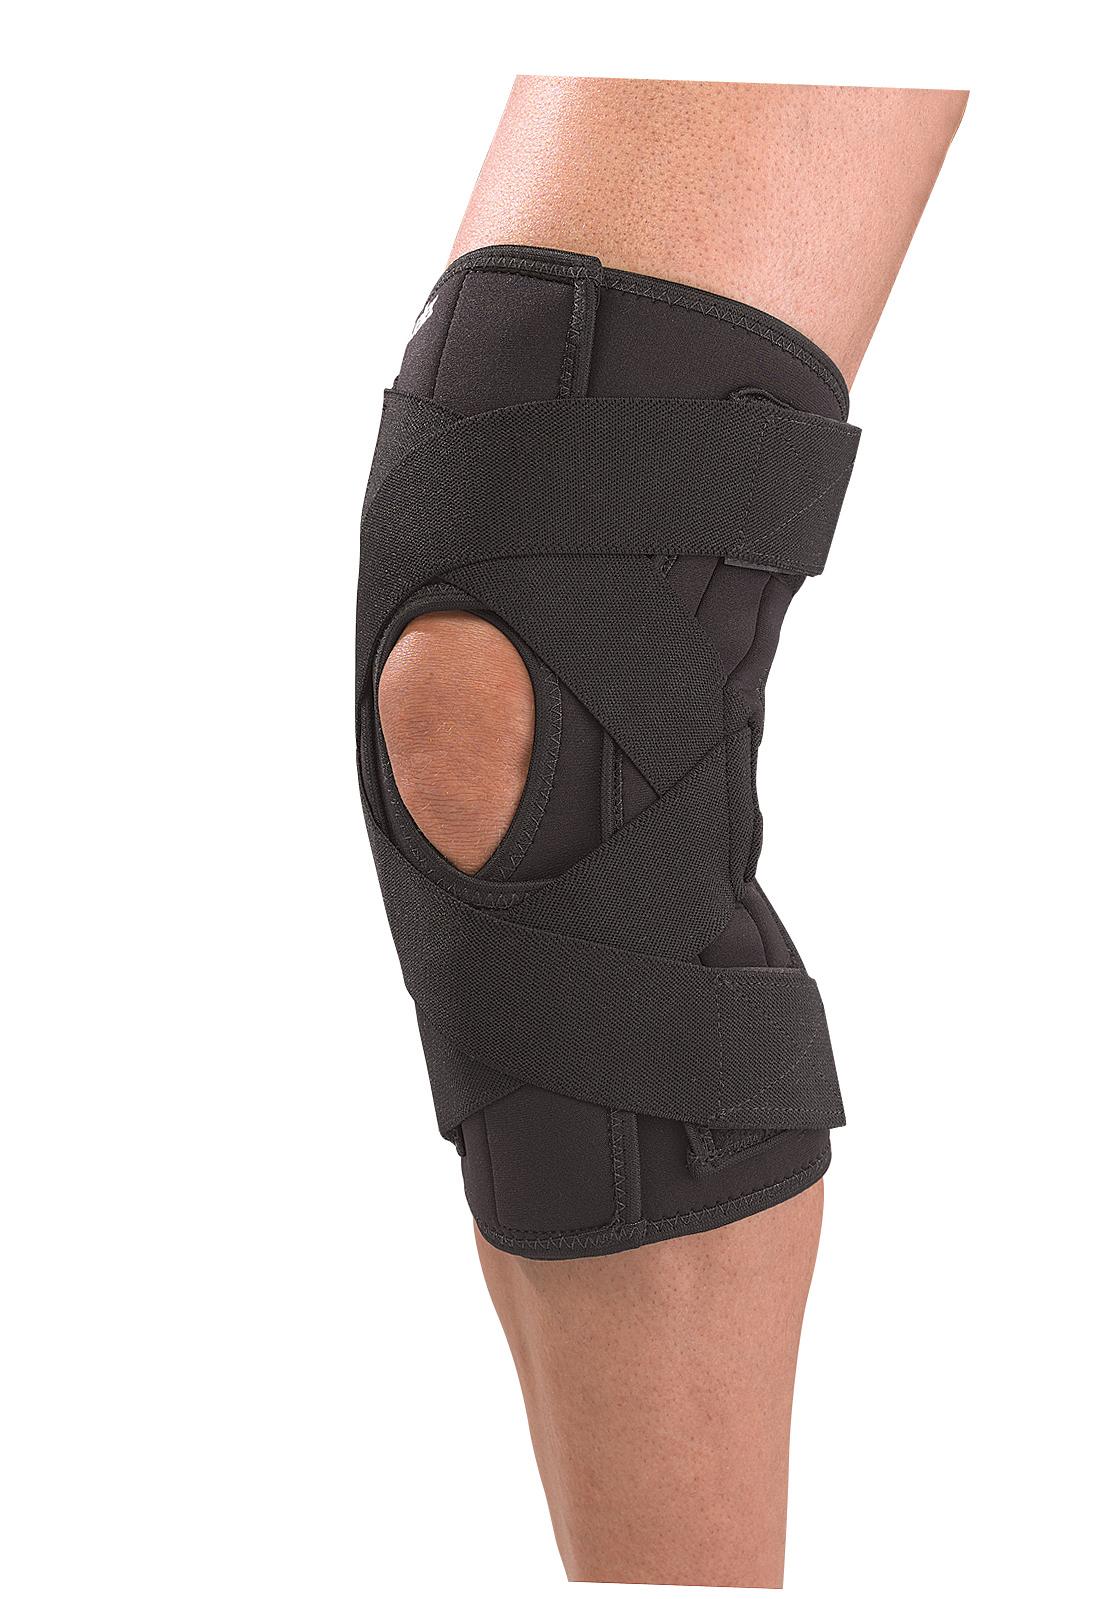 wraparound-knee-brace-deluxe-black-xxl-230xxl-74676637051-lr.jpg